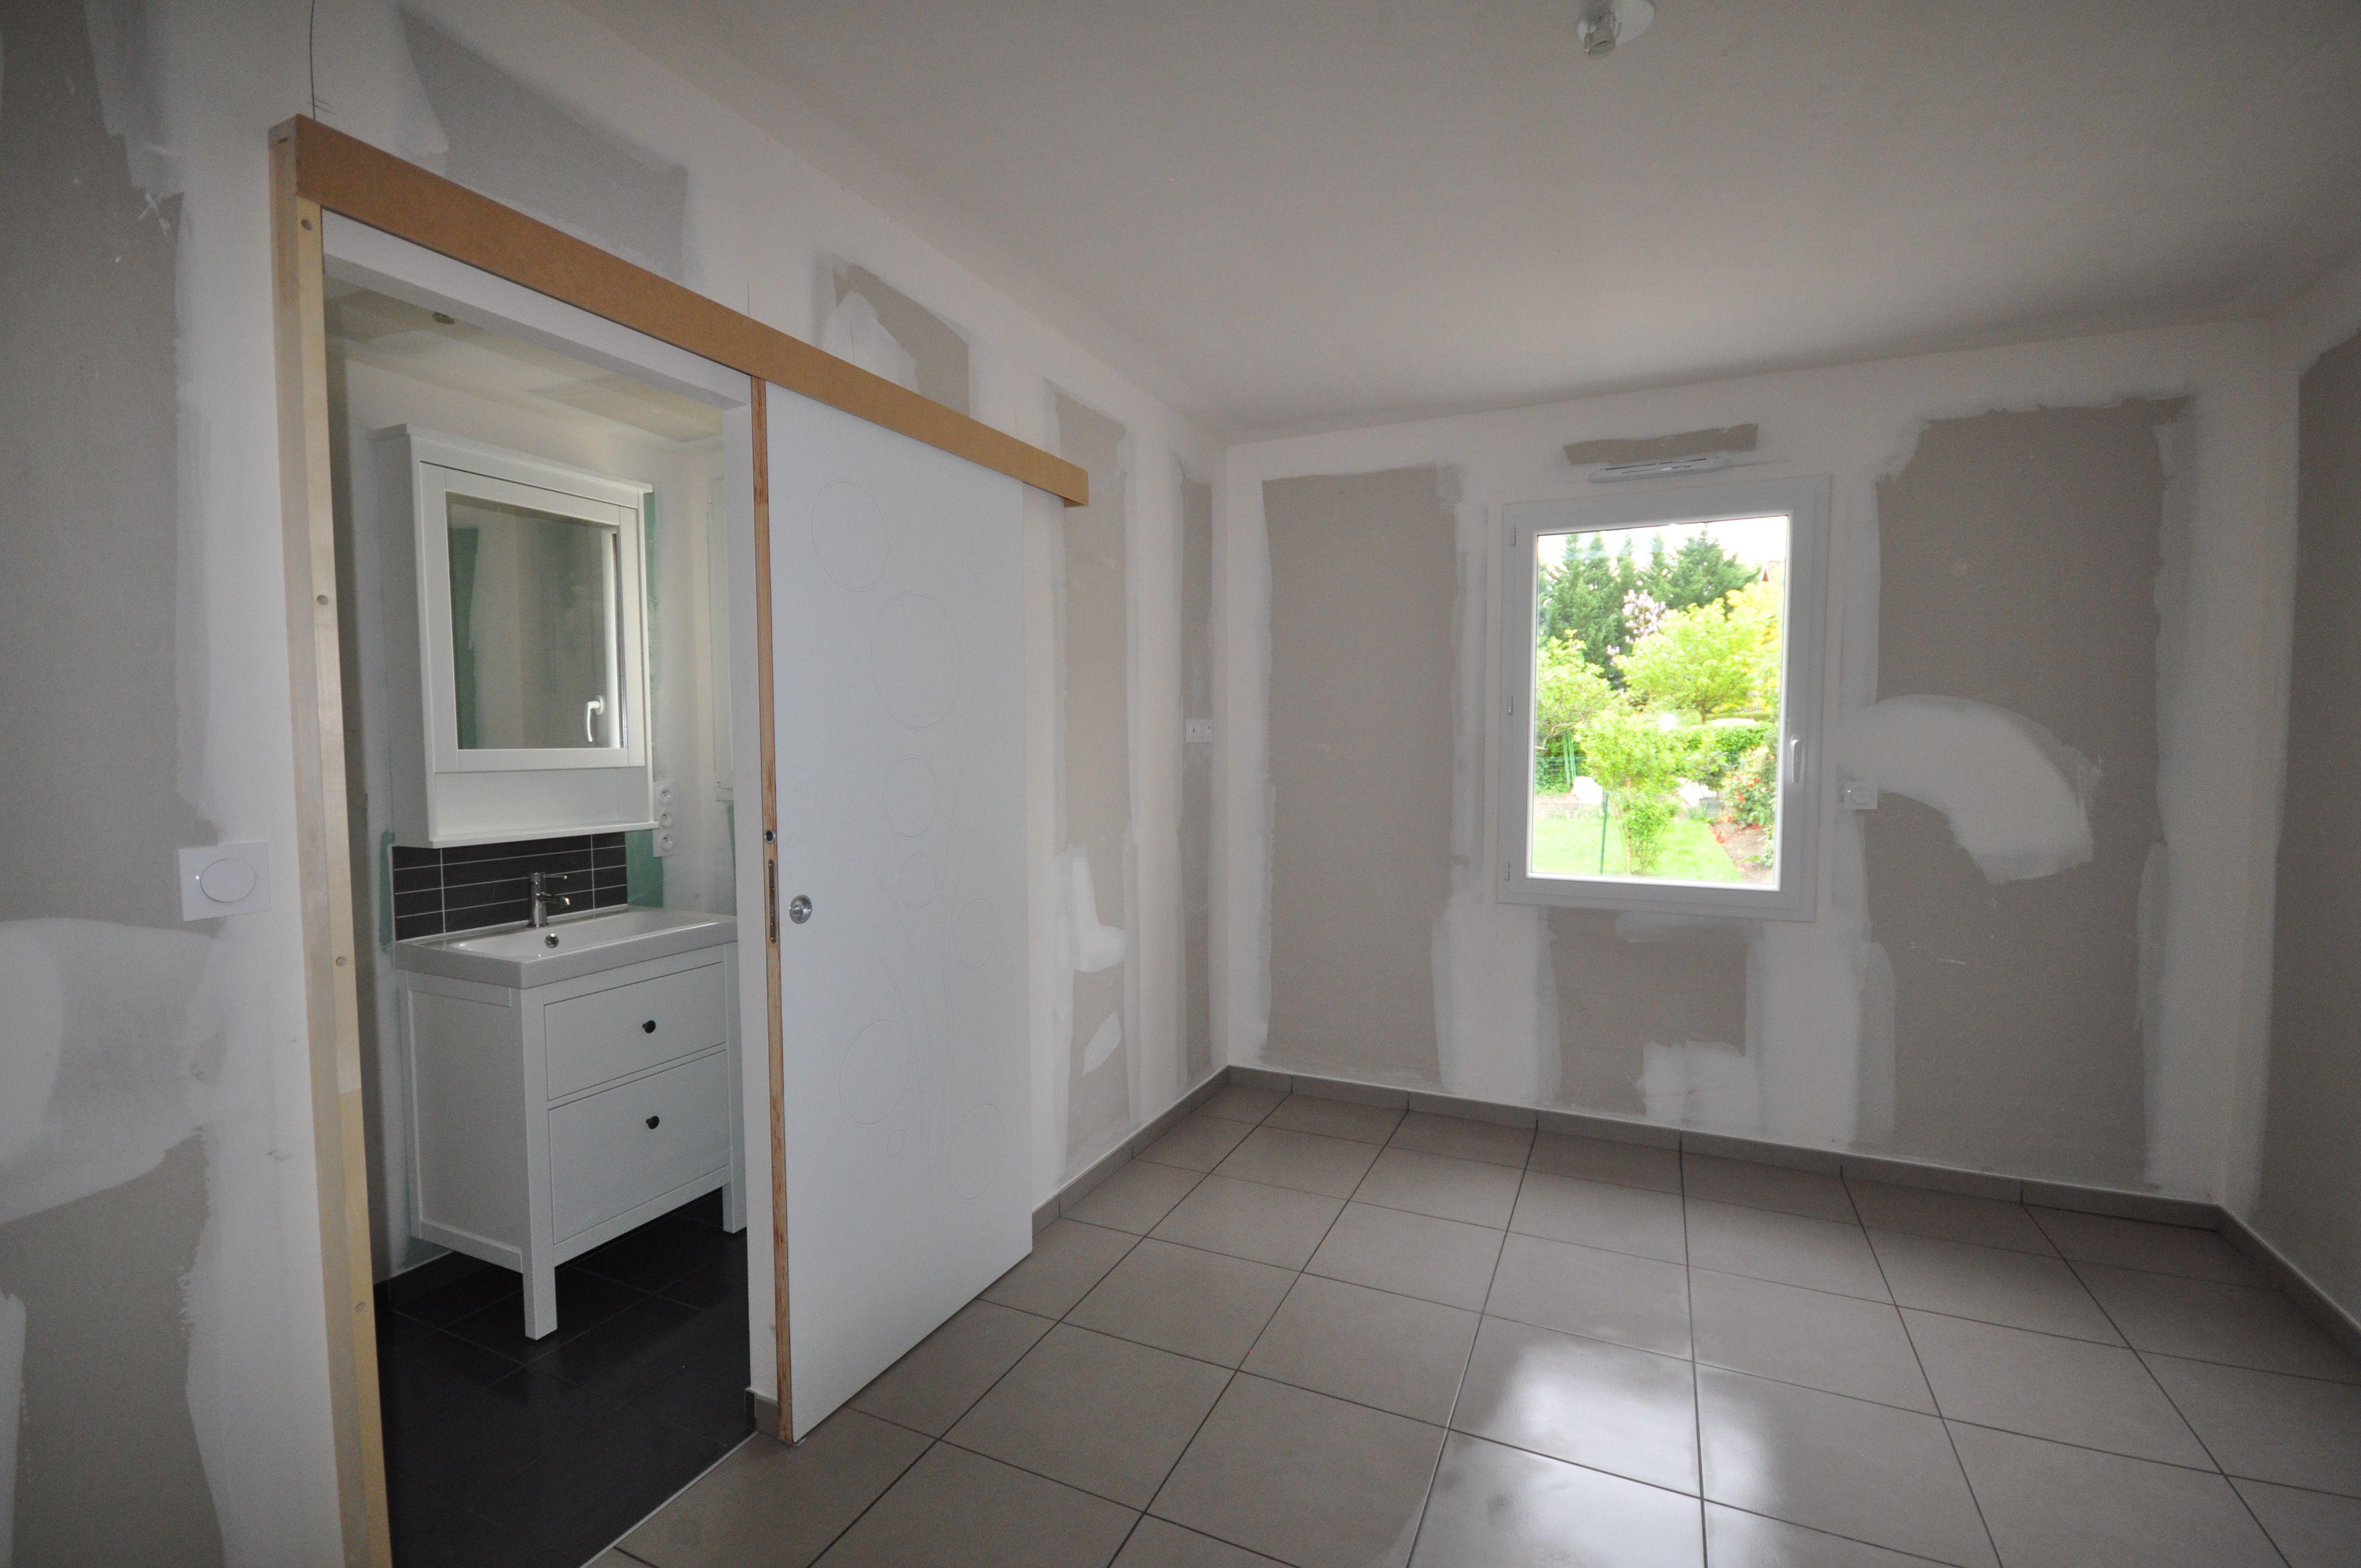 Maison Constructeur De Maison Maisons D En France Touraine Val